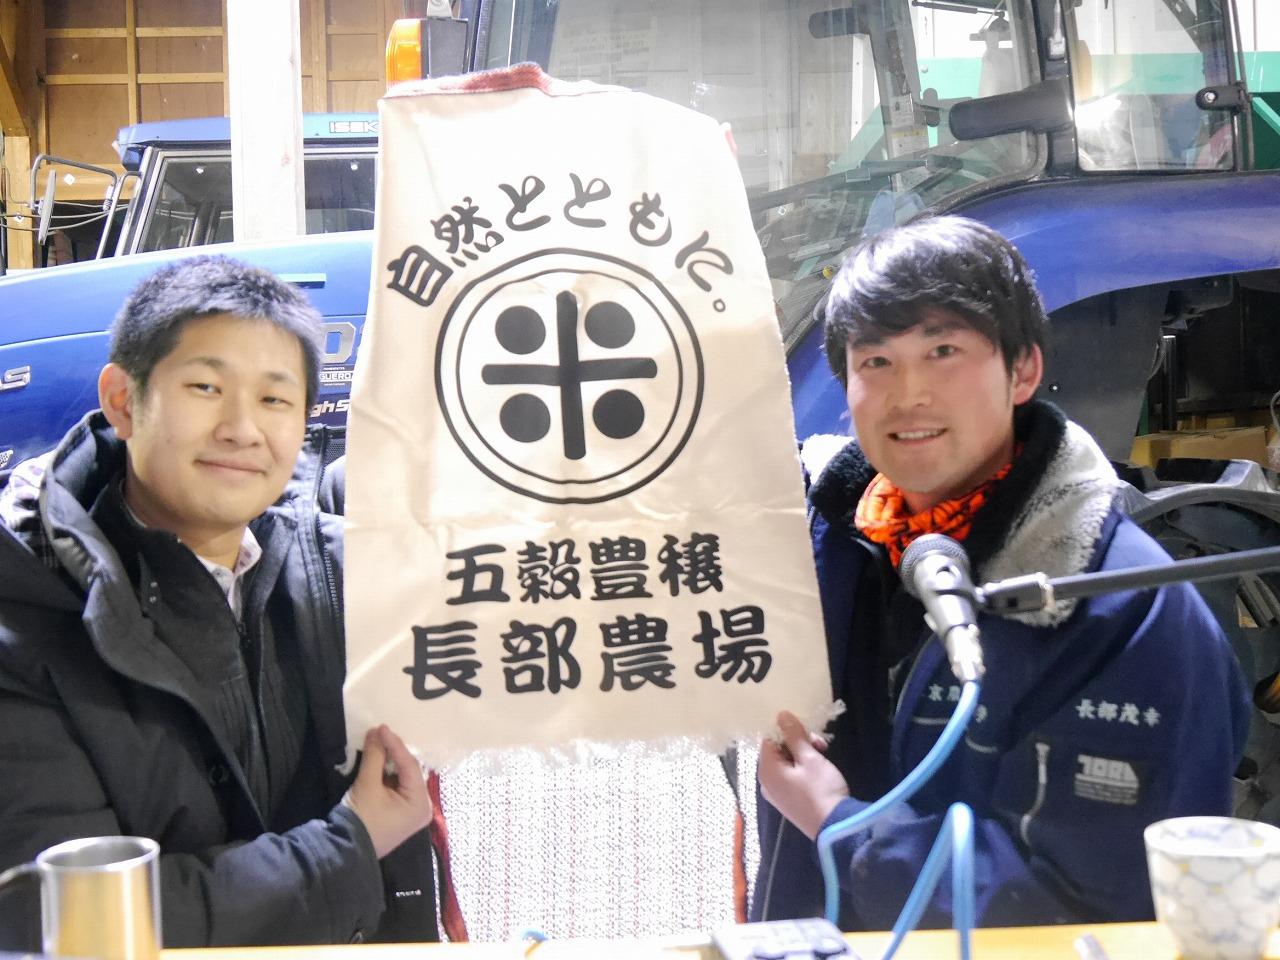 Ep038.長部茂幸さん(前半)東京で見つめなおした地元と農業、自分らしい仕事